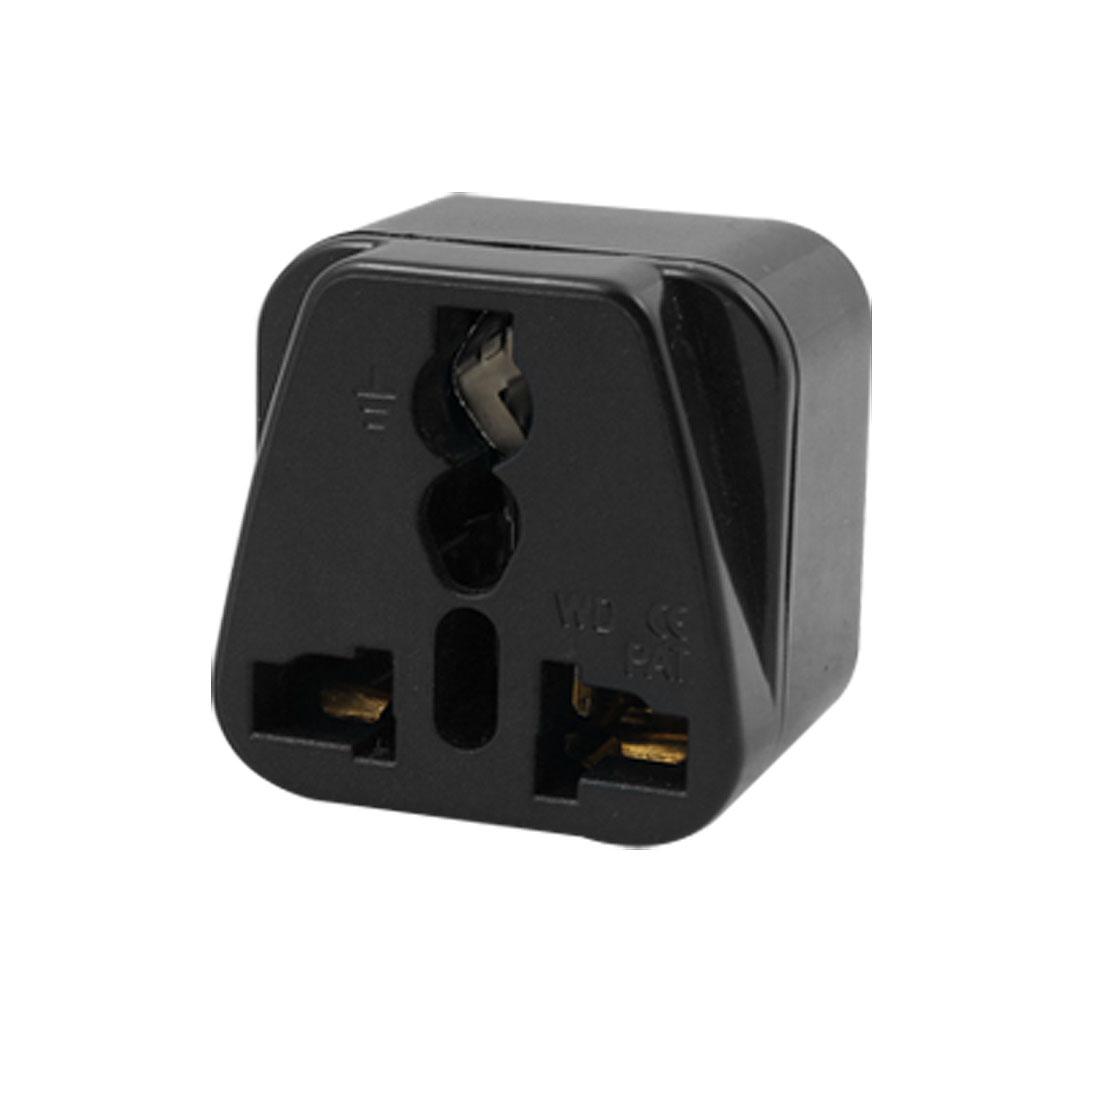 US Plug to UK AU Outlet 250V Traveling Universal Adapter Socket